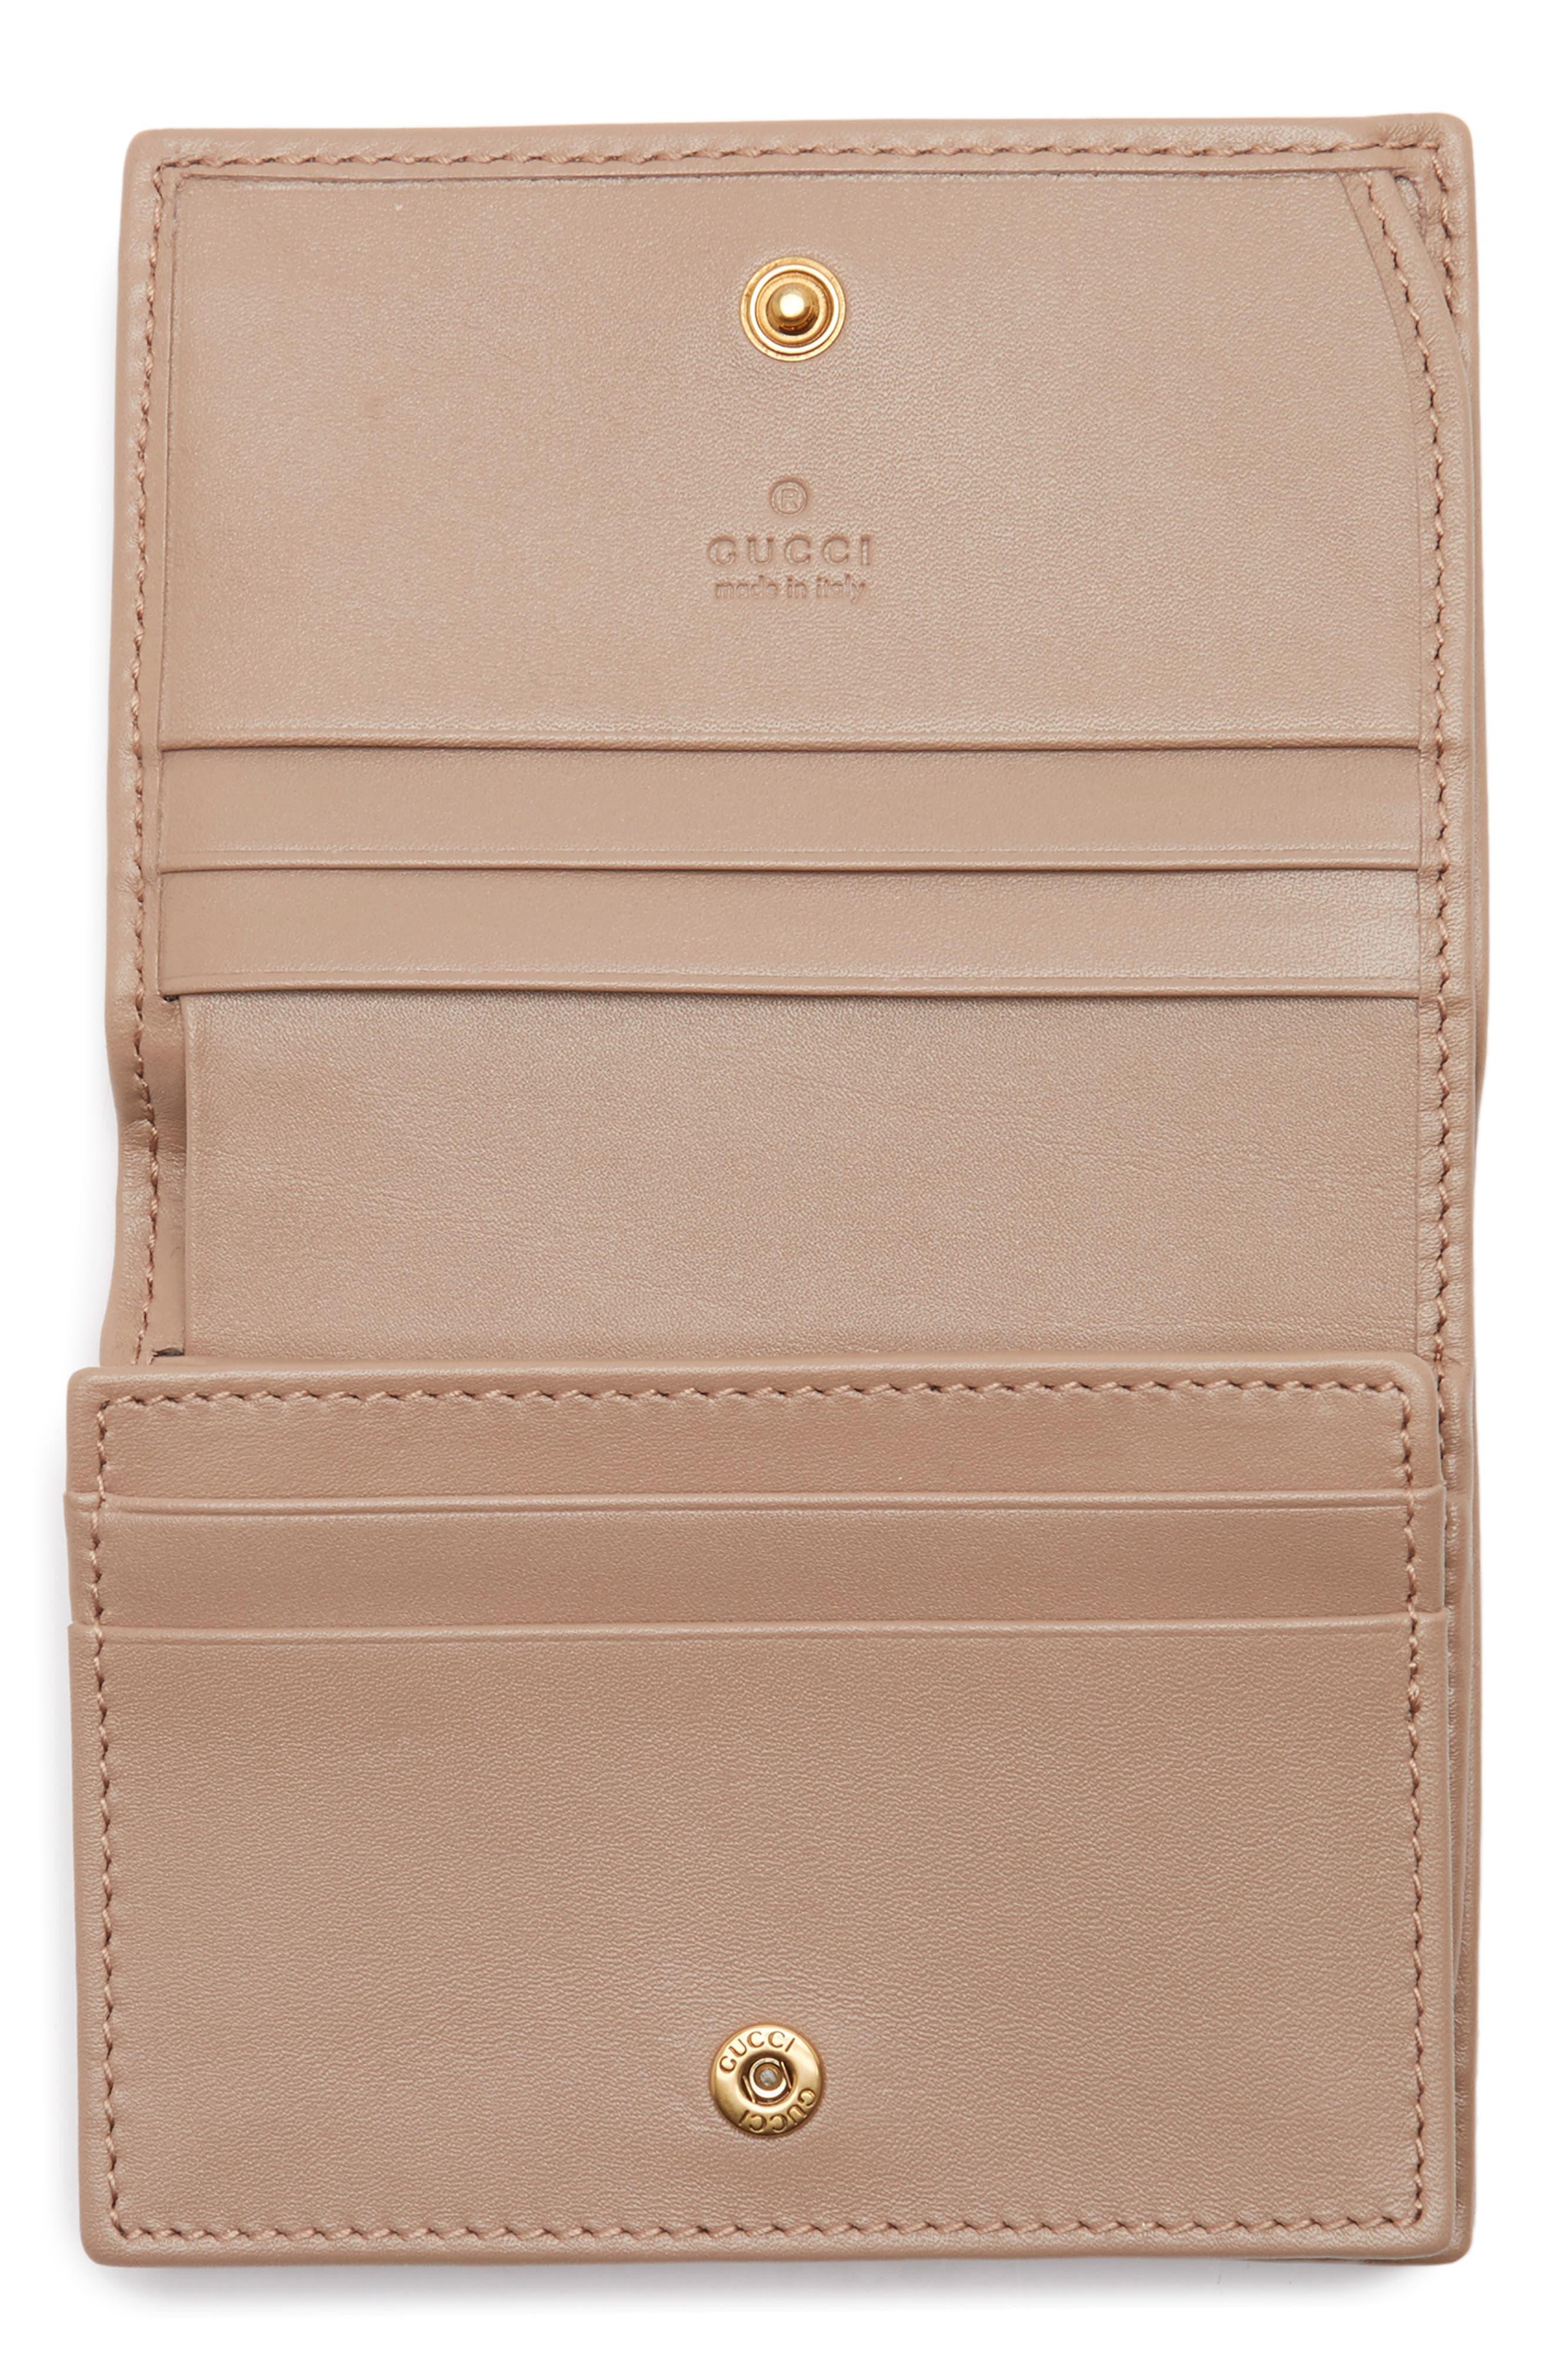 GG Marmont Matelassé Leather Card Case,                             Alternate thumbnail 2, color,                             PORCELAIN ROSE